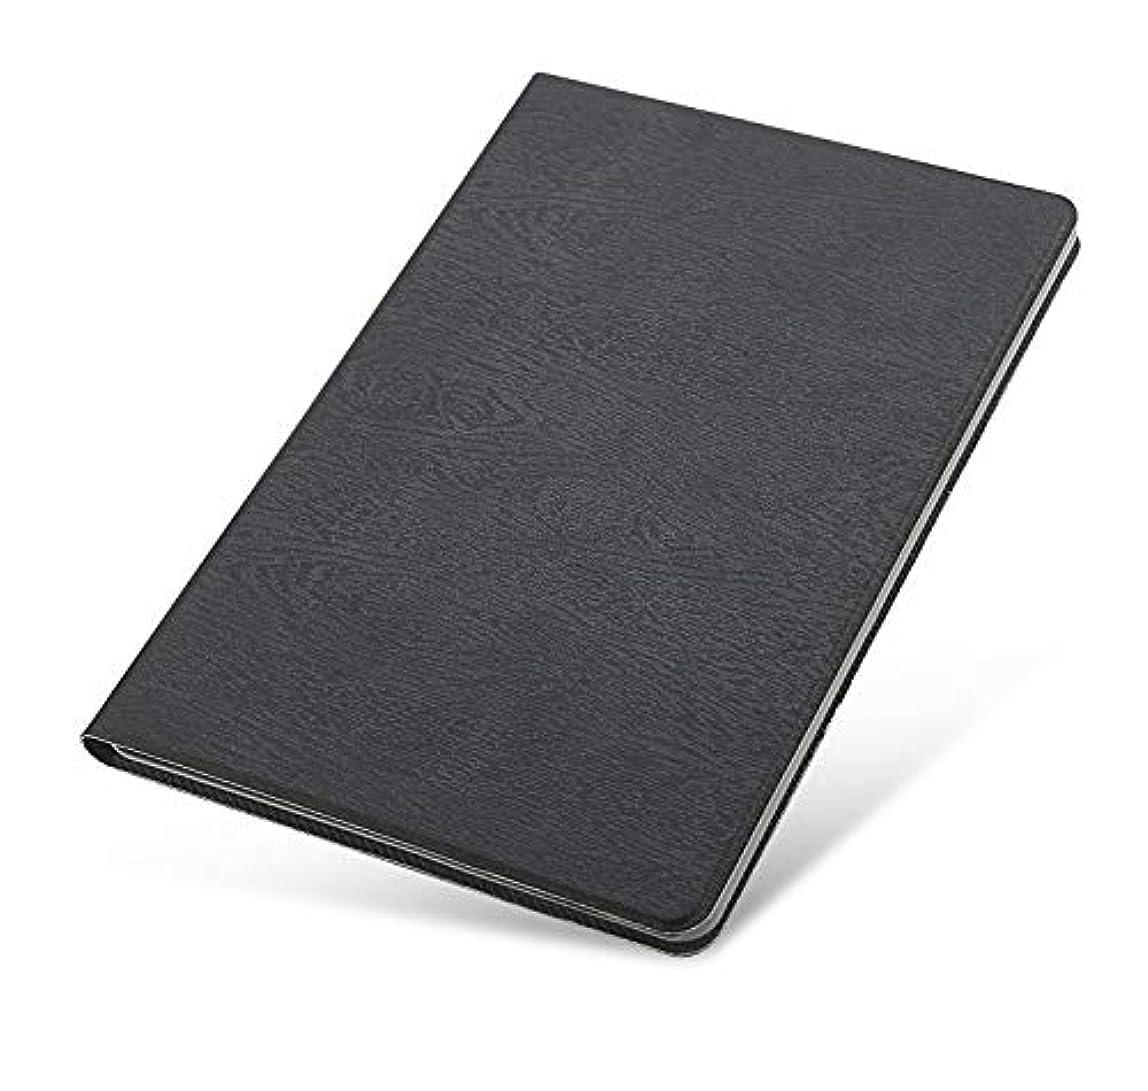 安心ぞっとするようなシーケンス【M&Y】 iPad mini 2019ケース 7.9インチ ケース iPad mini 2019 手帳 iPad 7.9インチ スタンド機能 マグネット式で開閉 iPad mini 2019 モデル 手帳型カバー iPad mini 5 ケース MY-IM5-TL-90326 (ブラック)